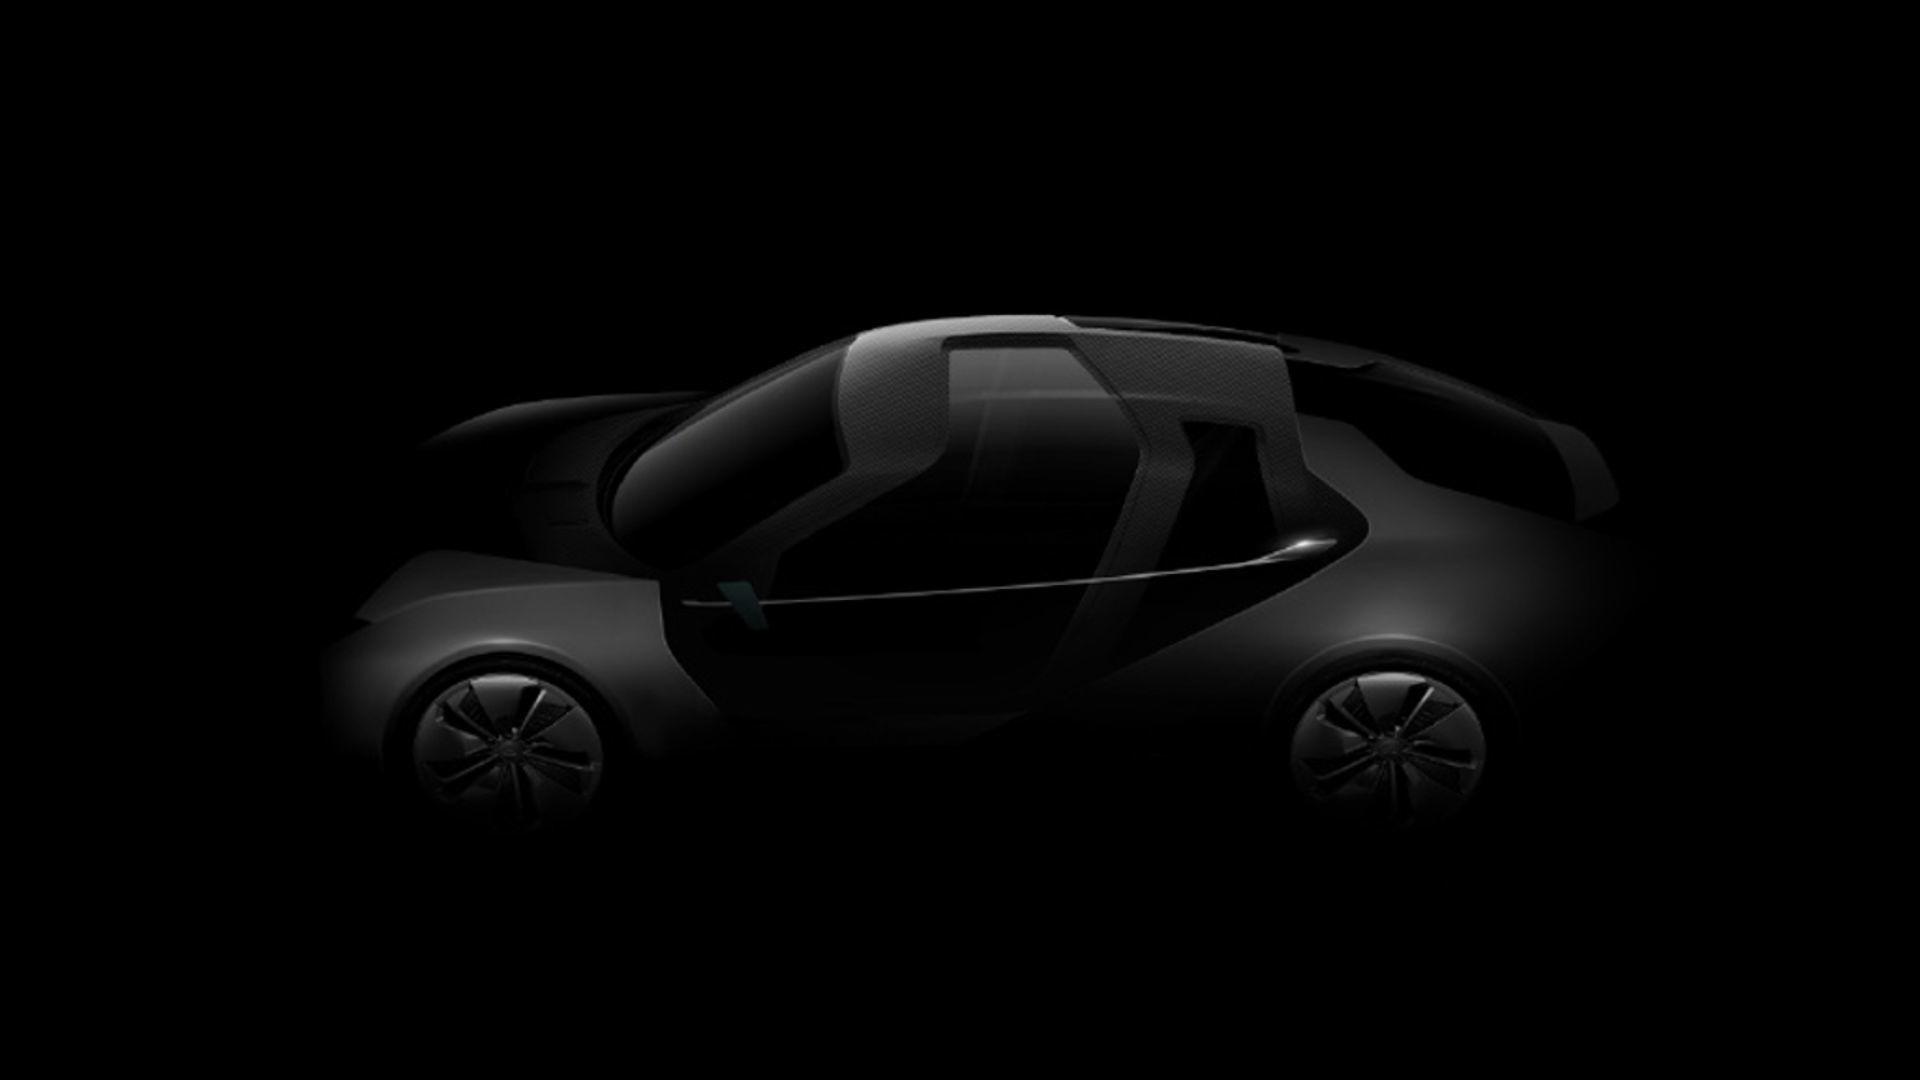 qoros-9-qlectriq-concept-teaser (1)